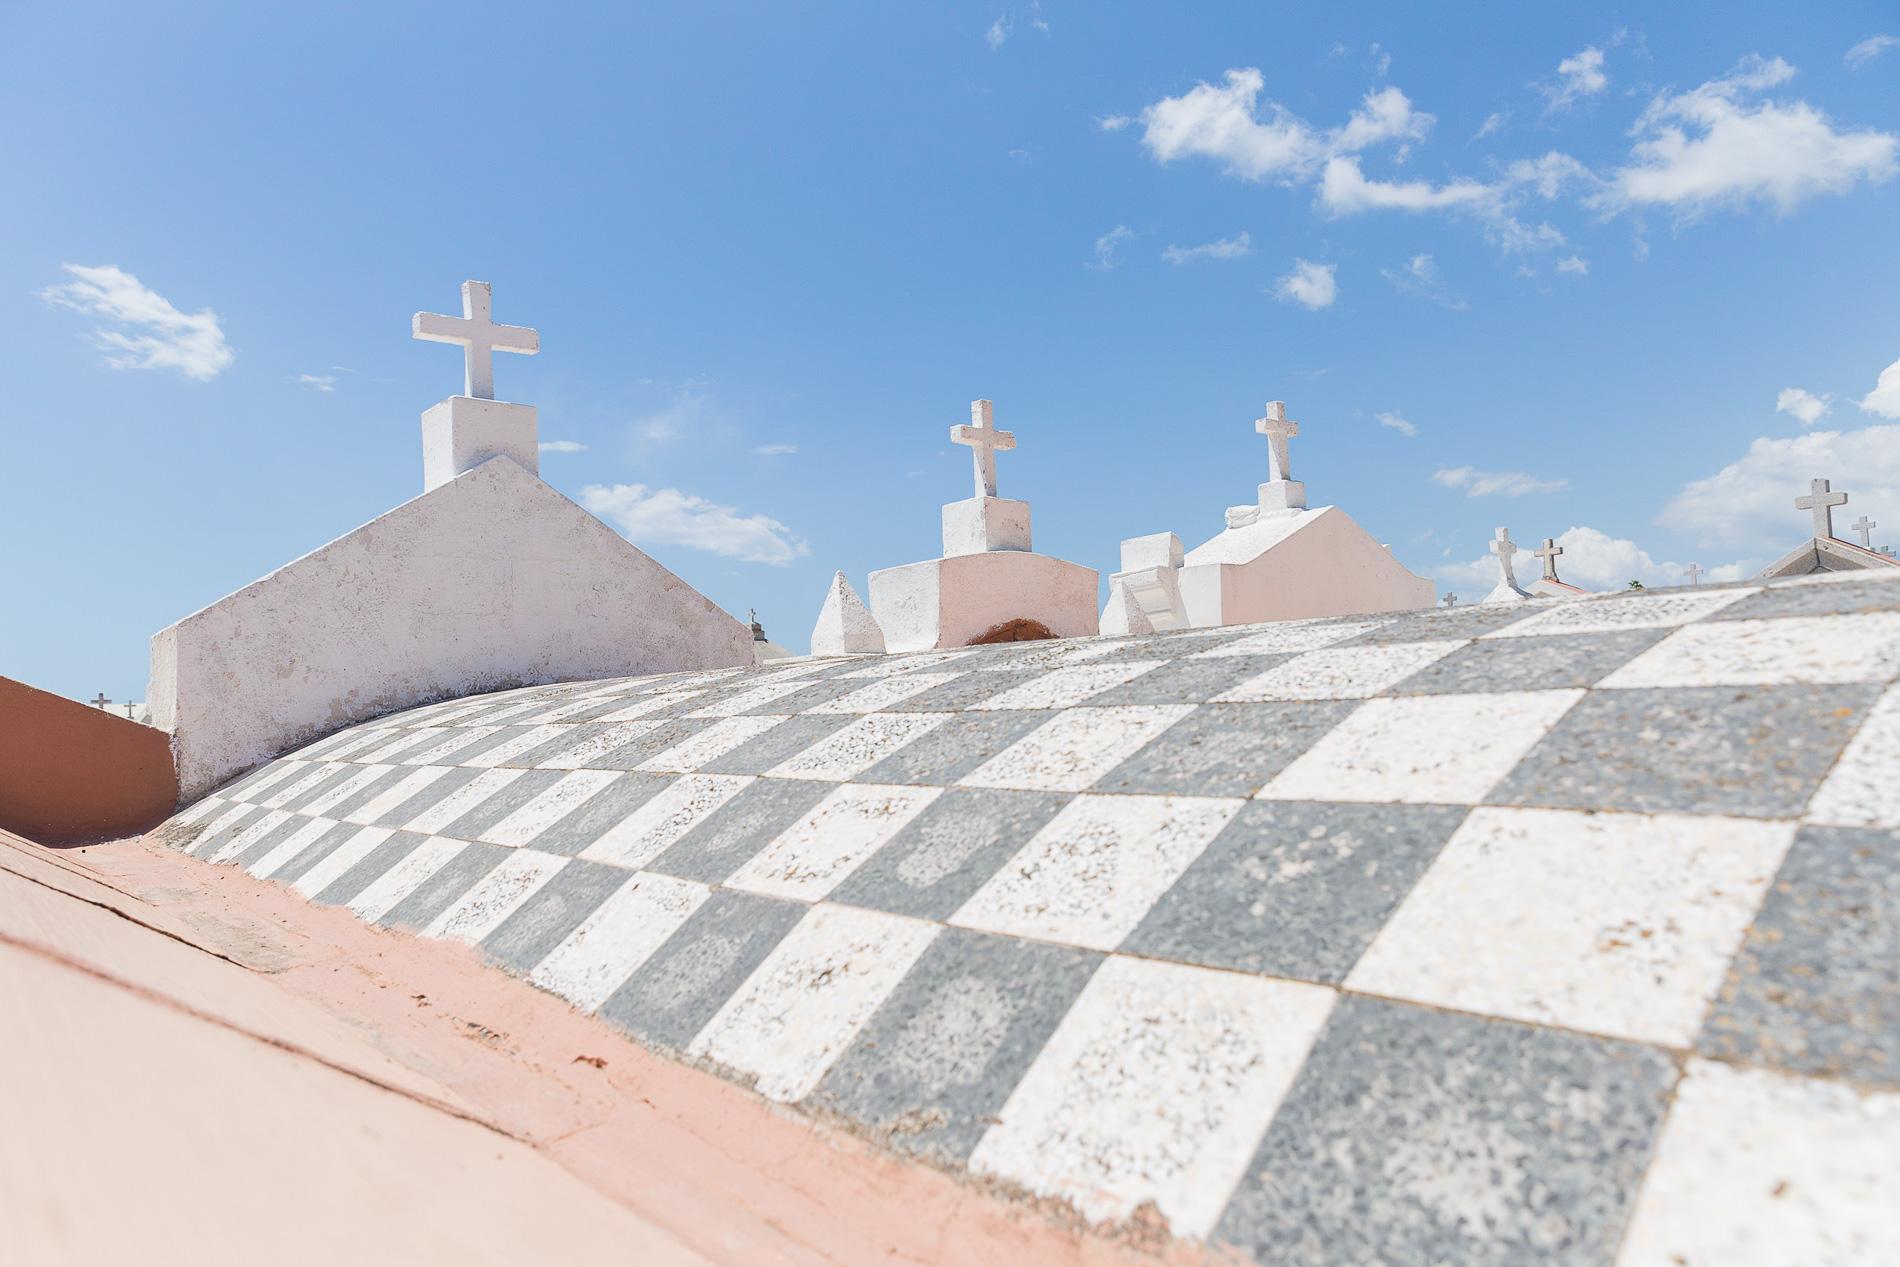 Der Friedhof ist ein echtes architektonisches Juwel.